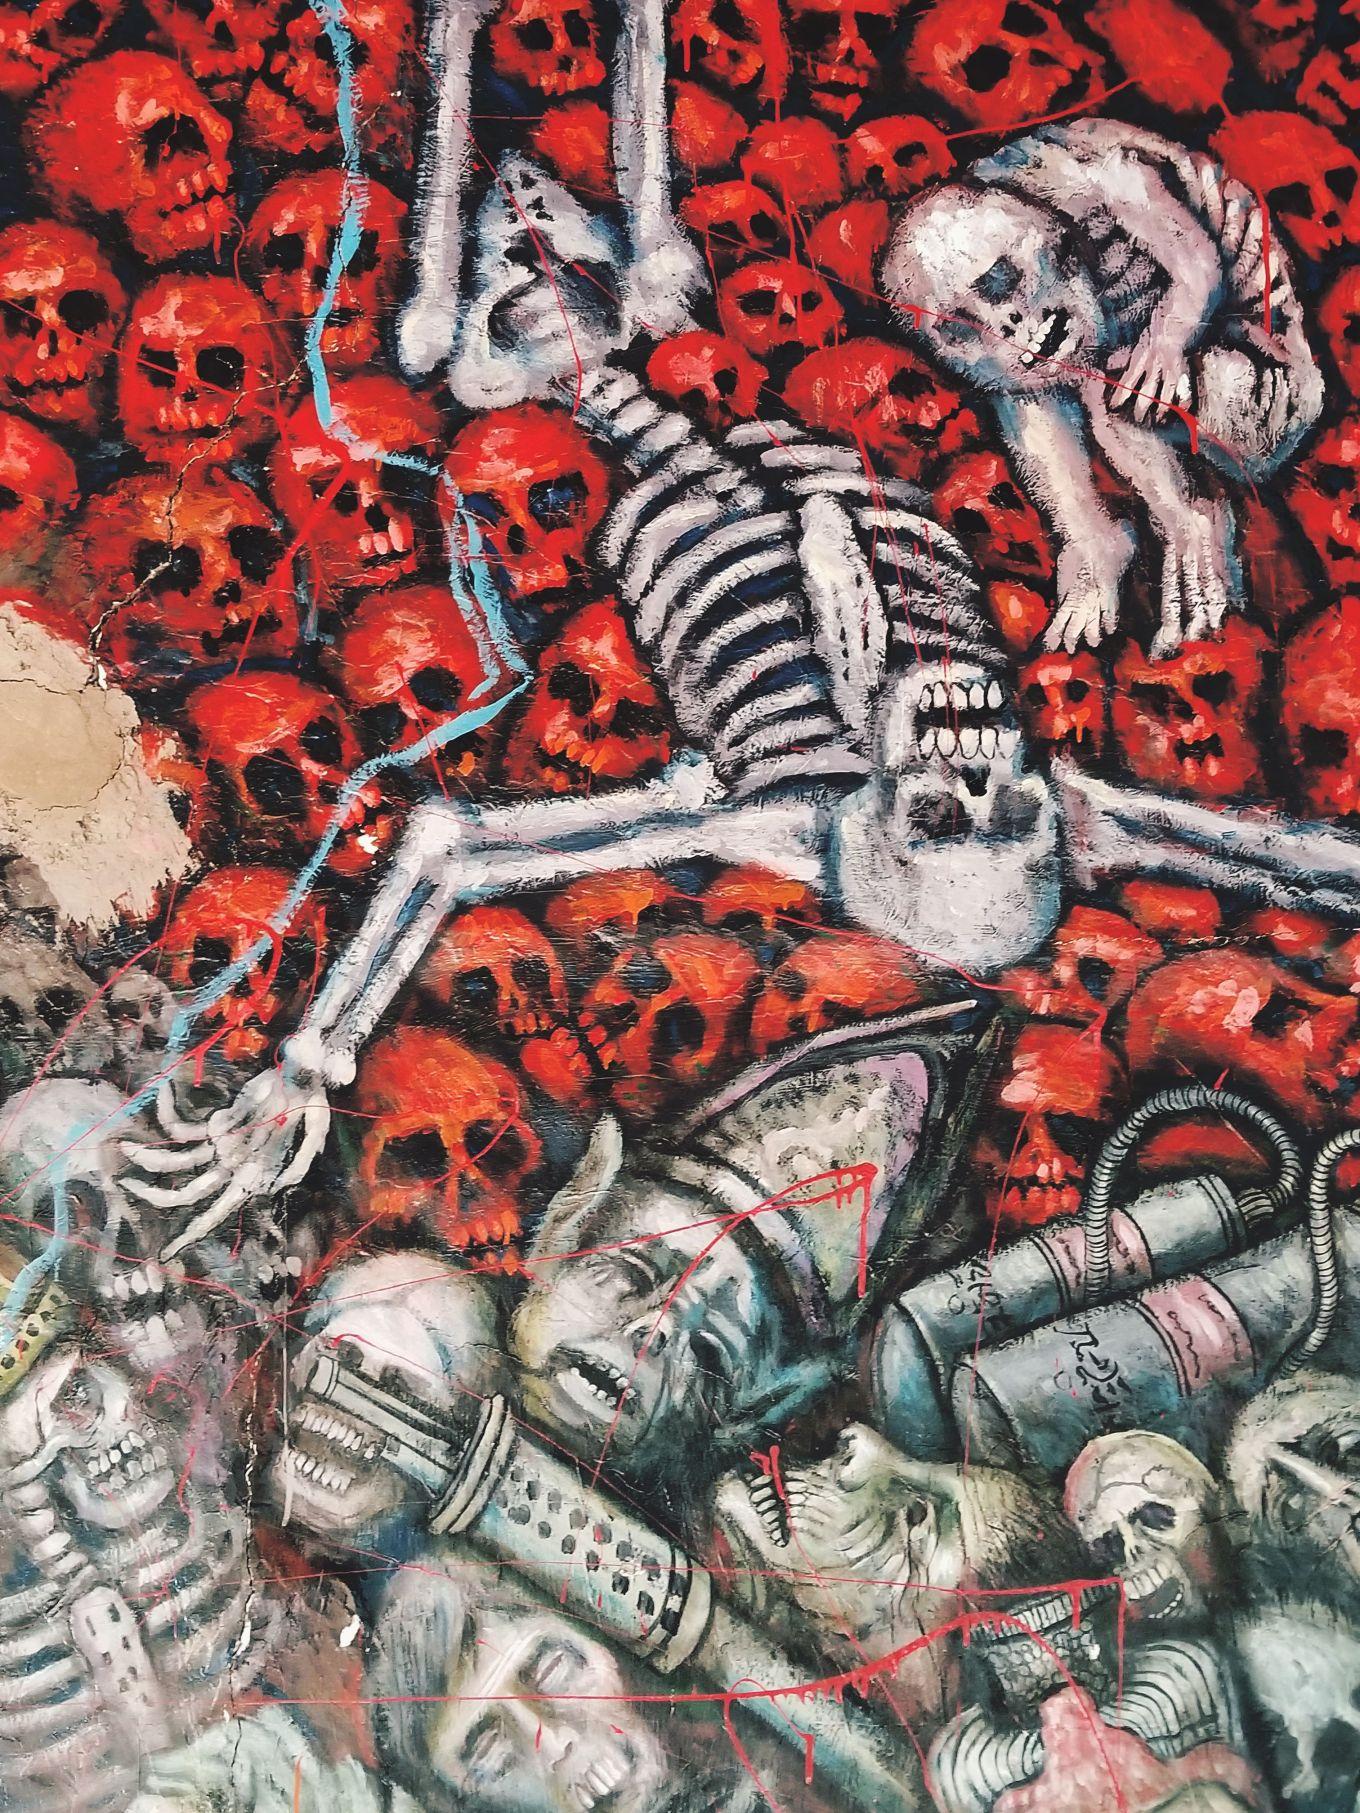 Skull Mural In El Museo De Cultura Prohibida In Cuenca, Ecuador